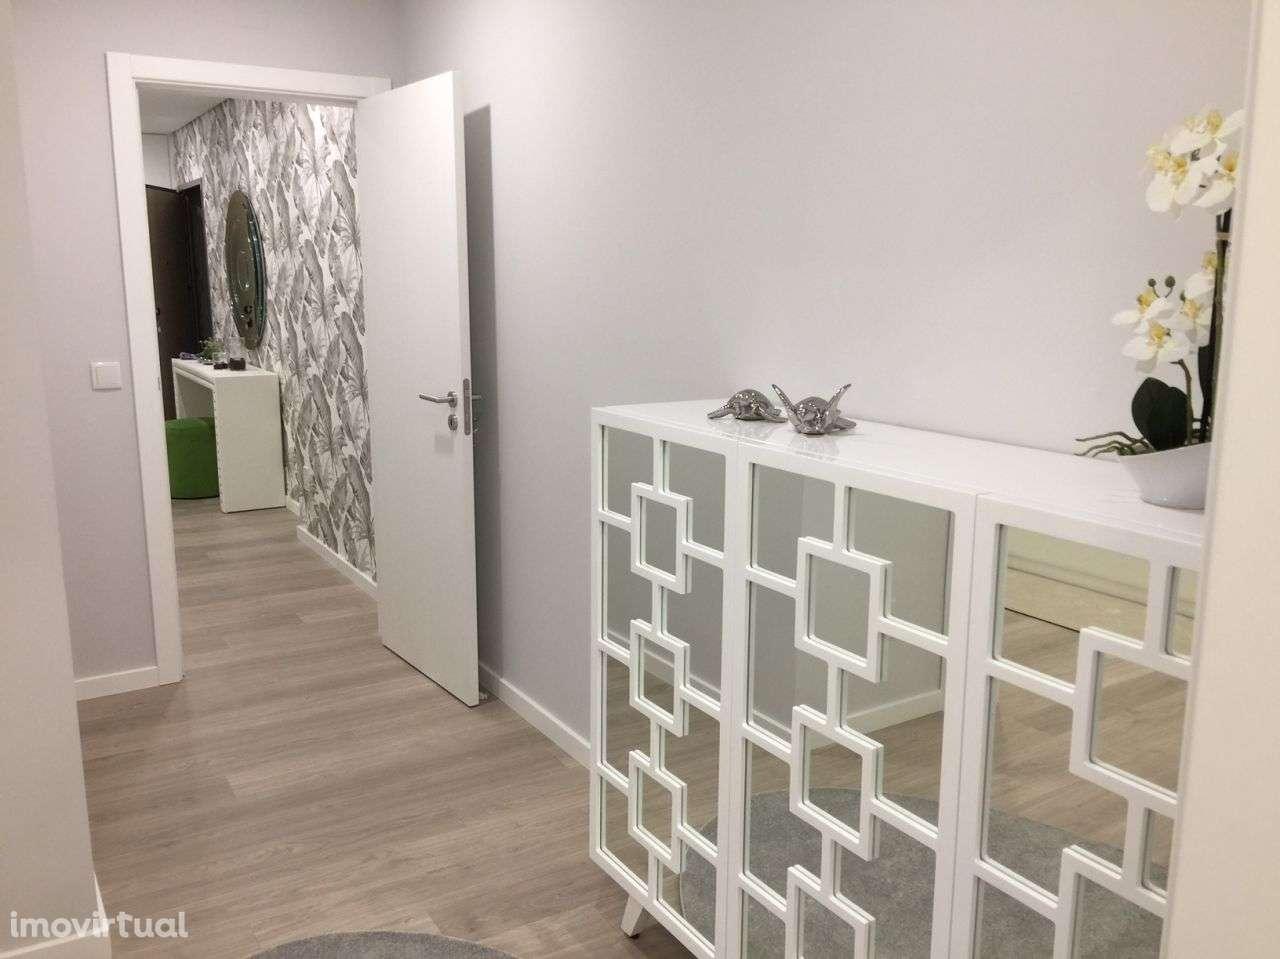 Apartamento para comprar, Águas Livres, Amadora, Lisboa - Foto 1